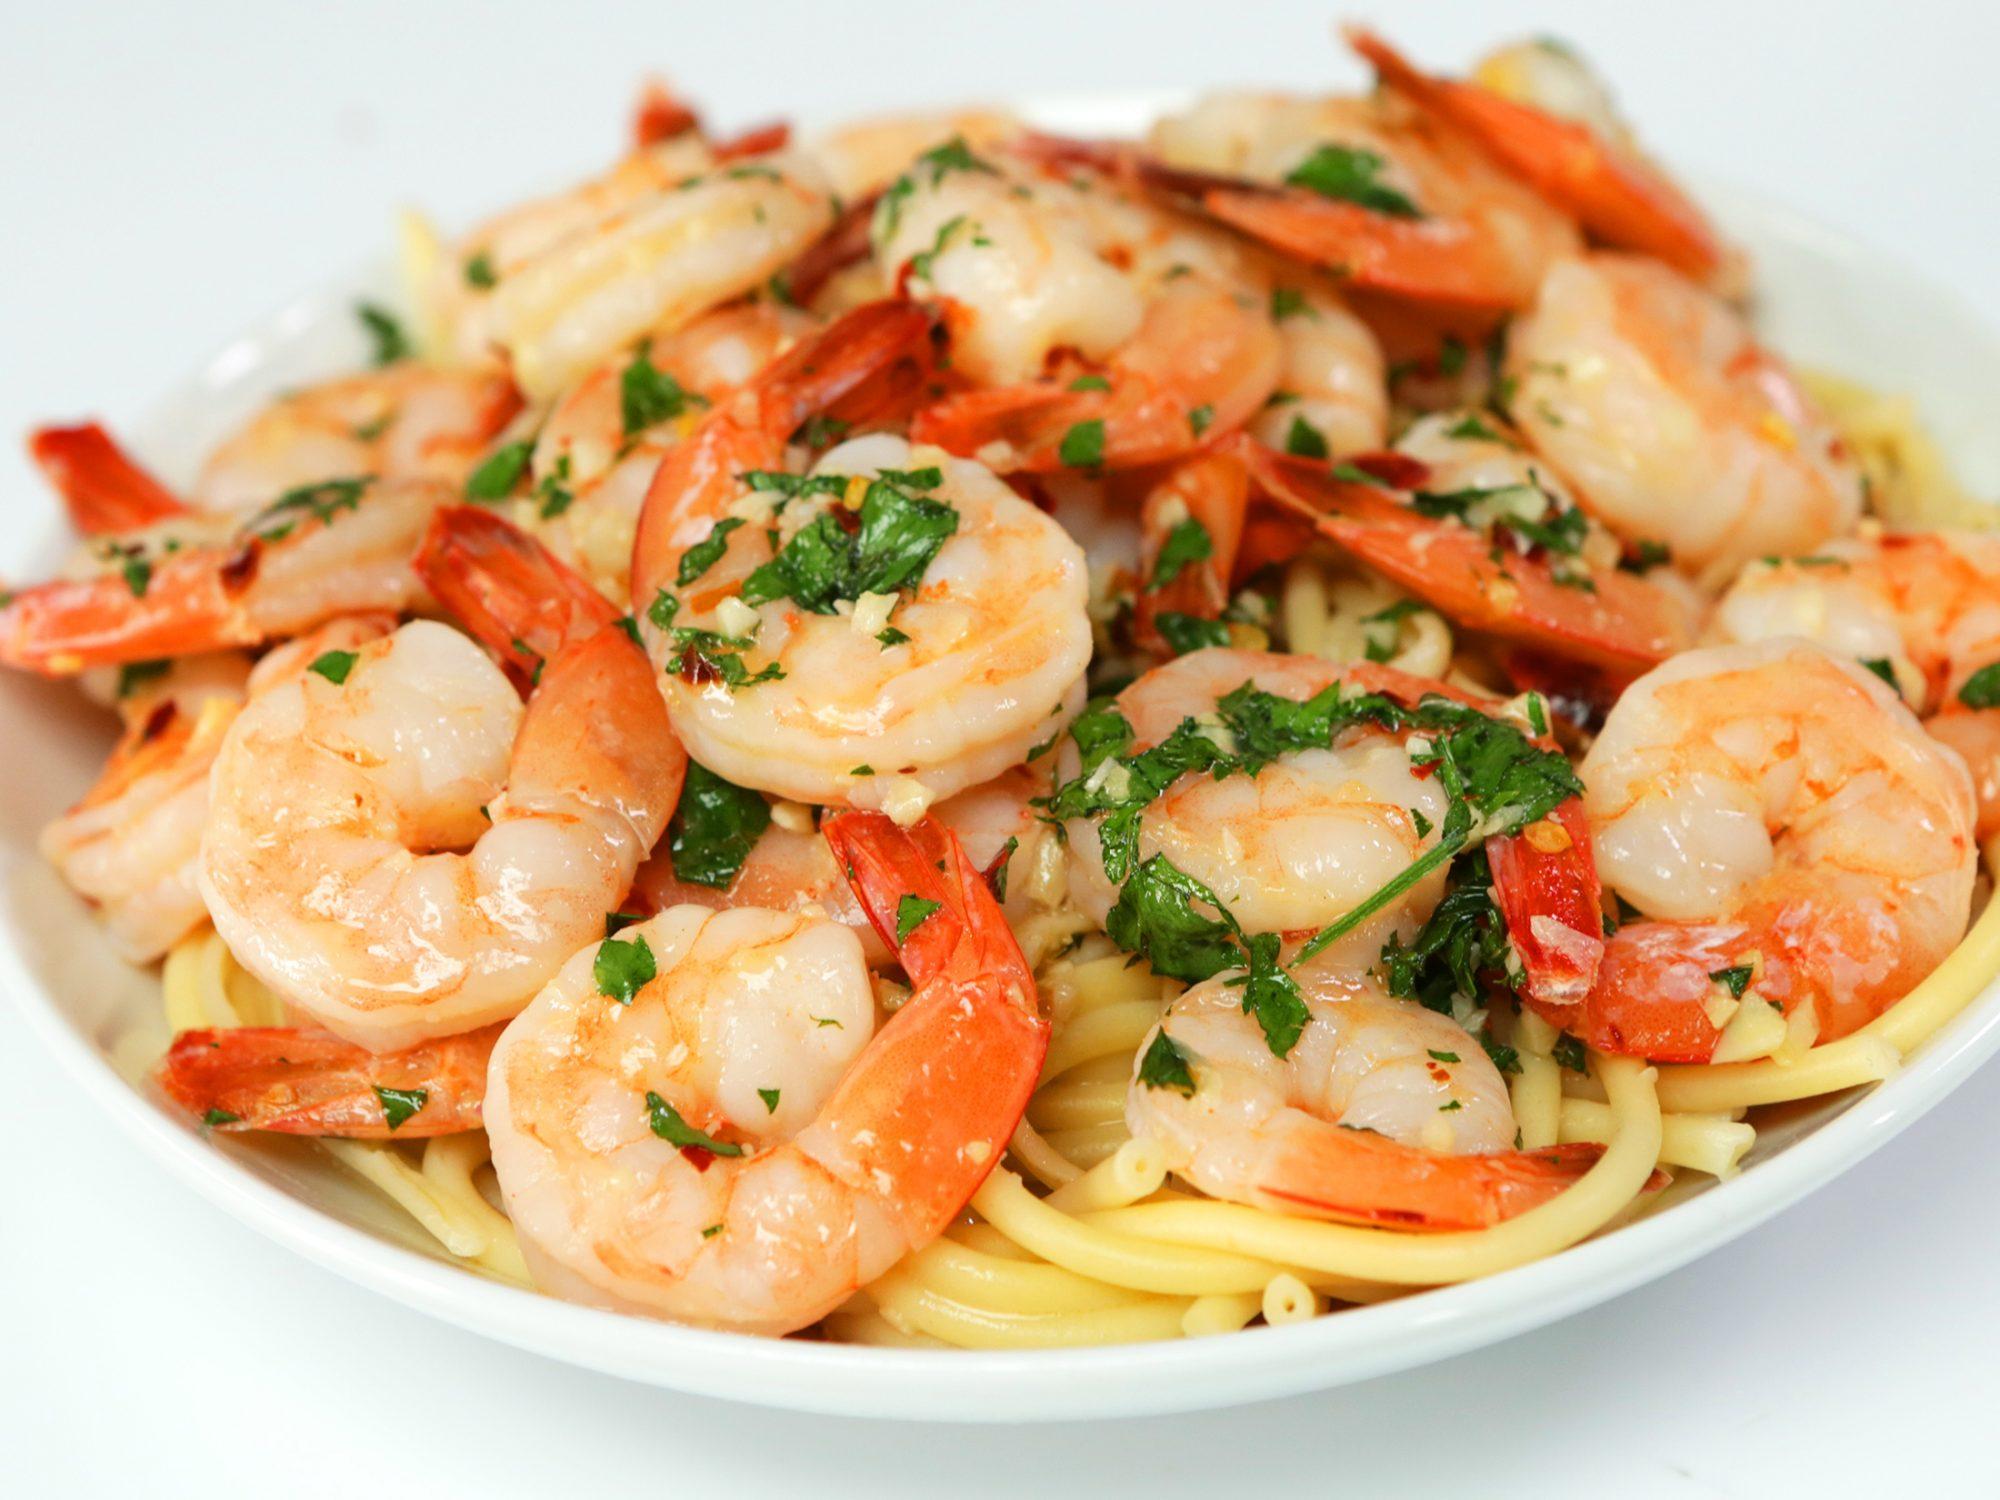 Shrimp Scampi image